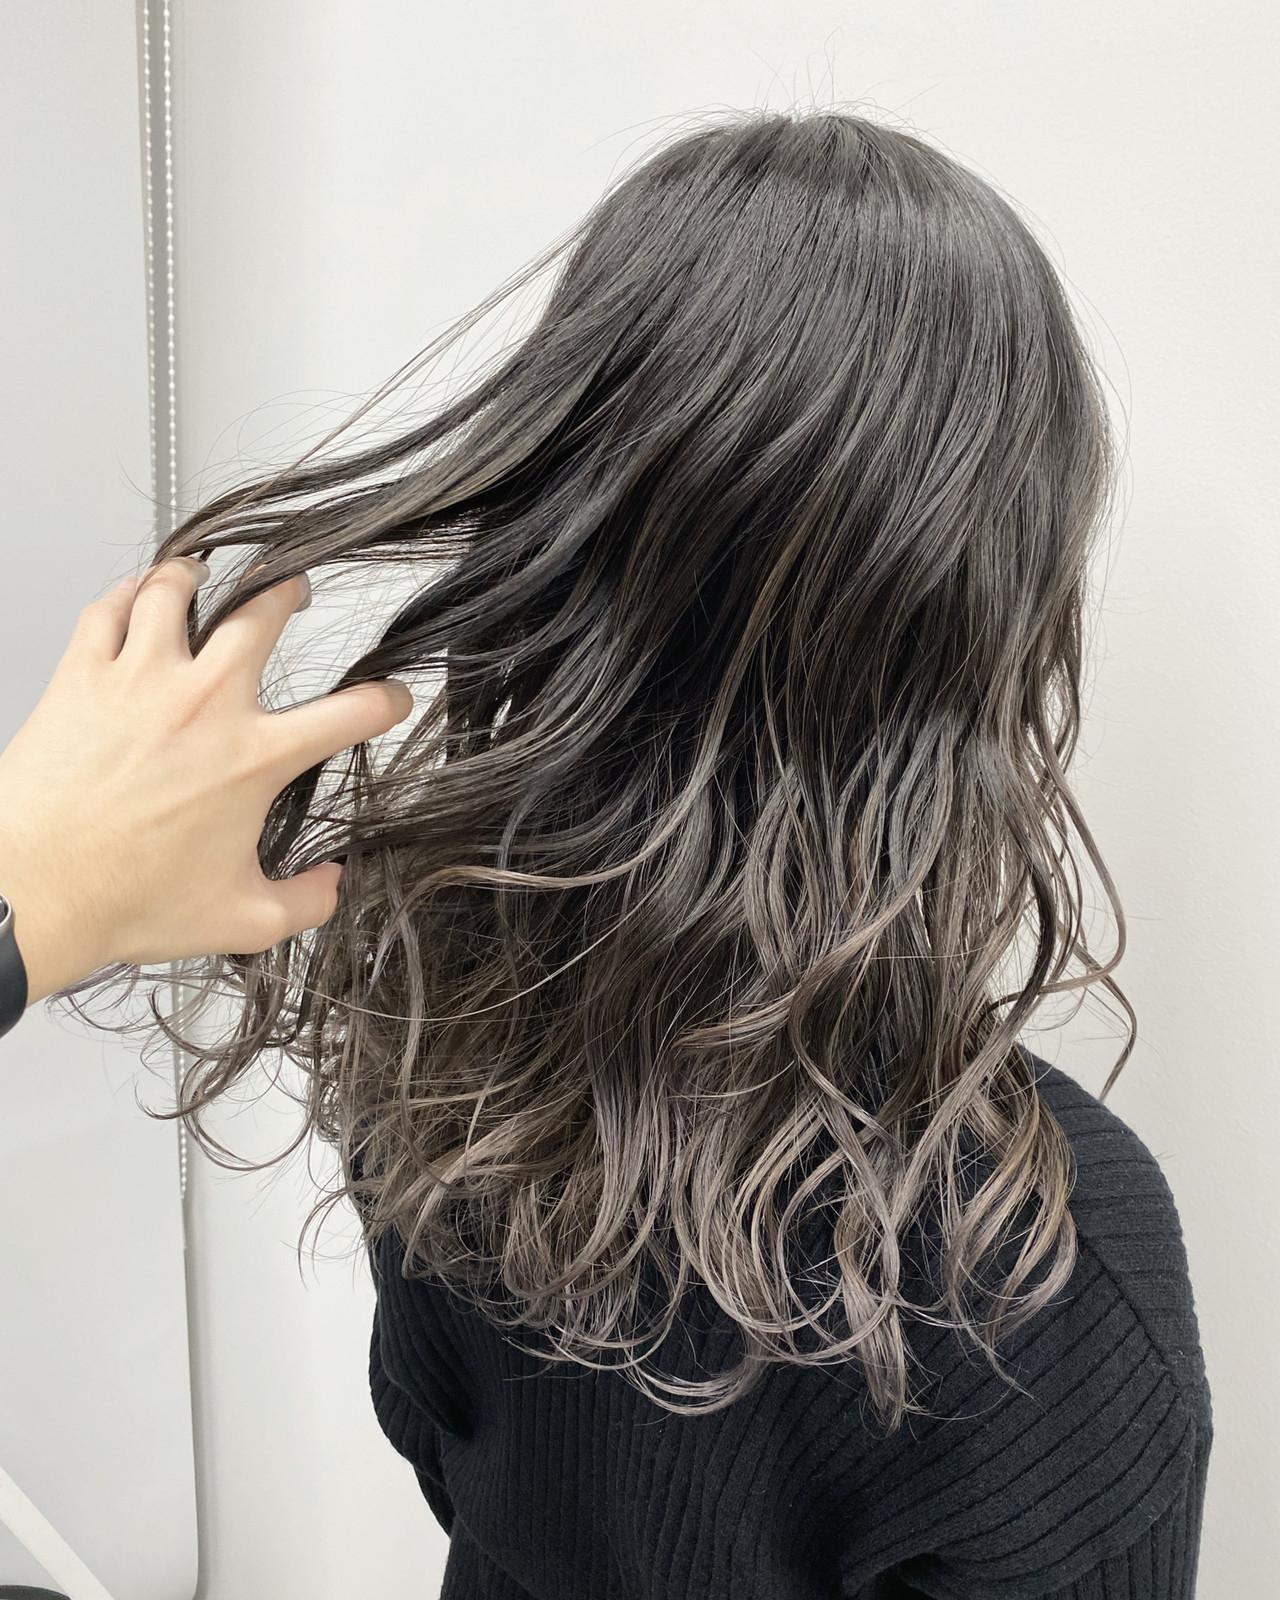 思い切って髪色を変えてみるのもgood